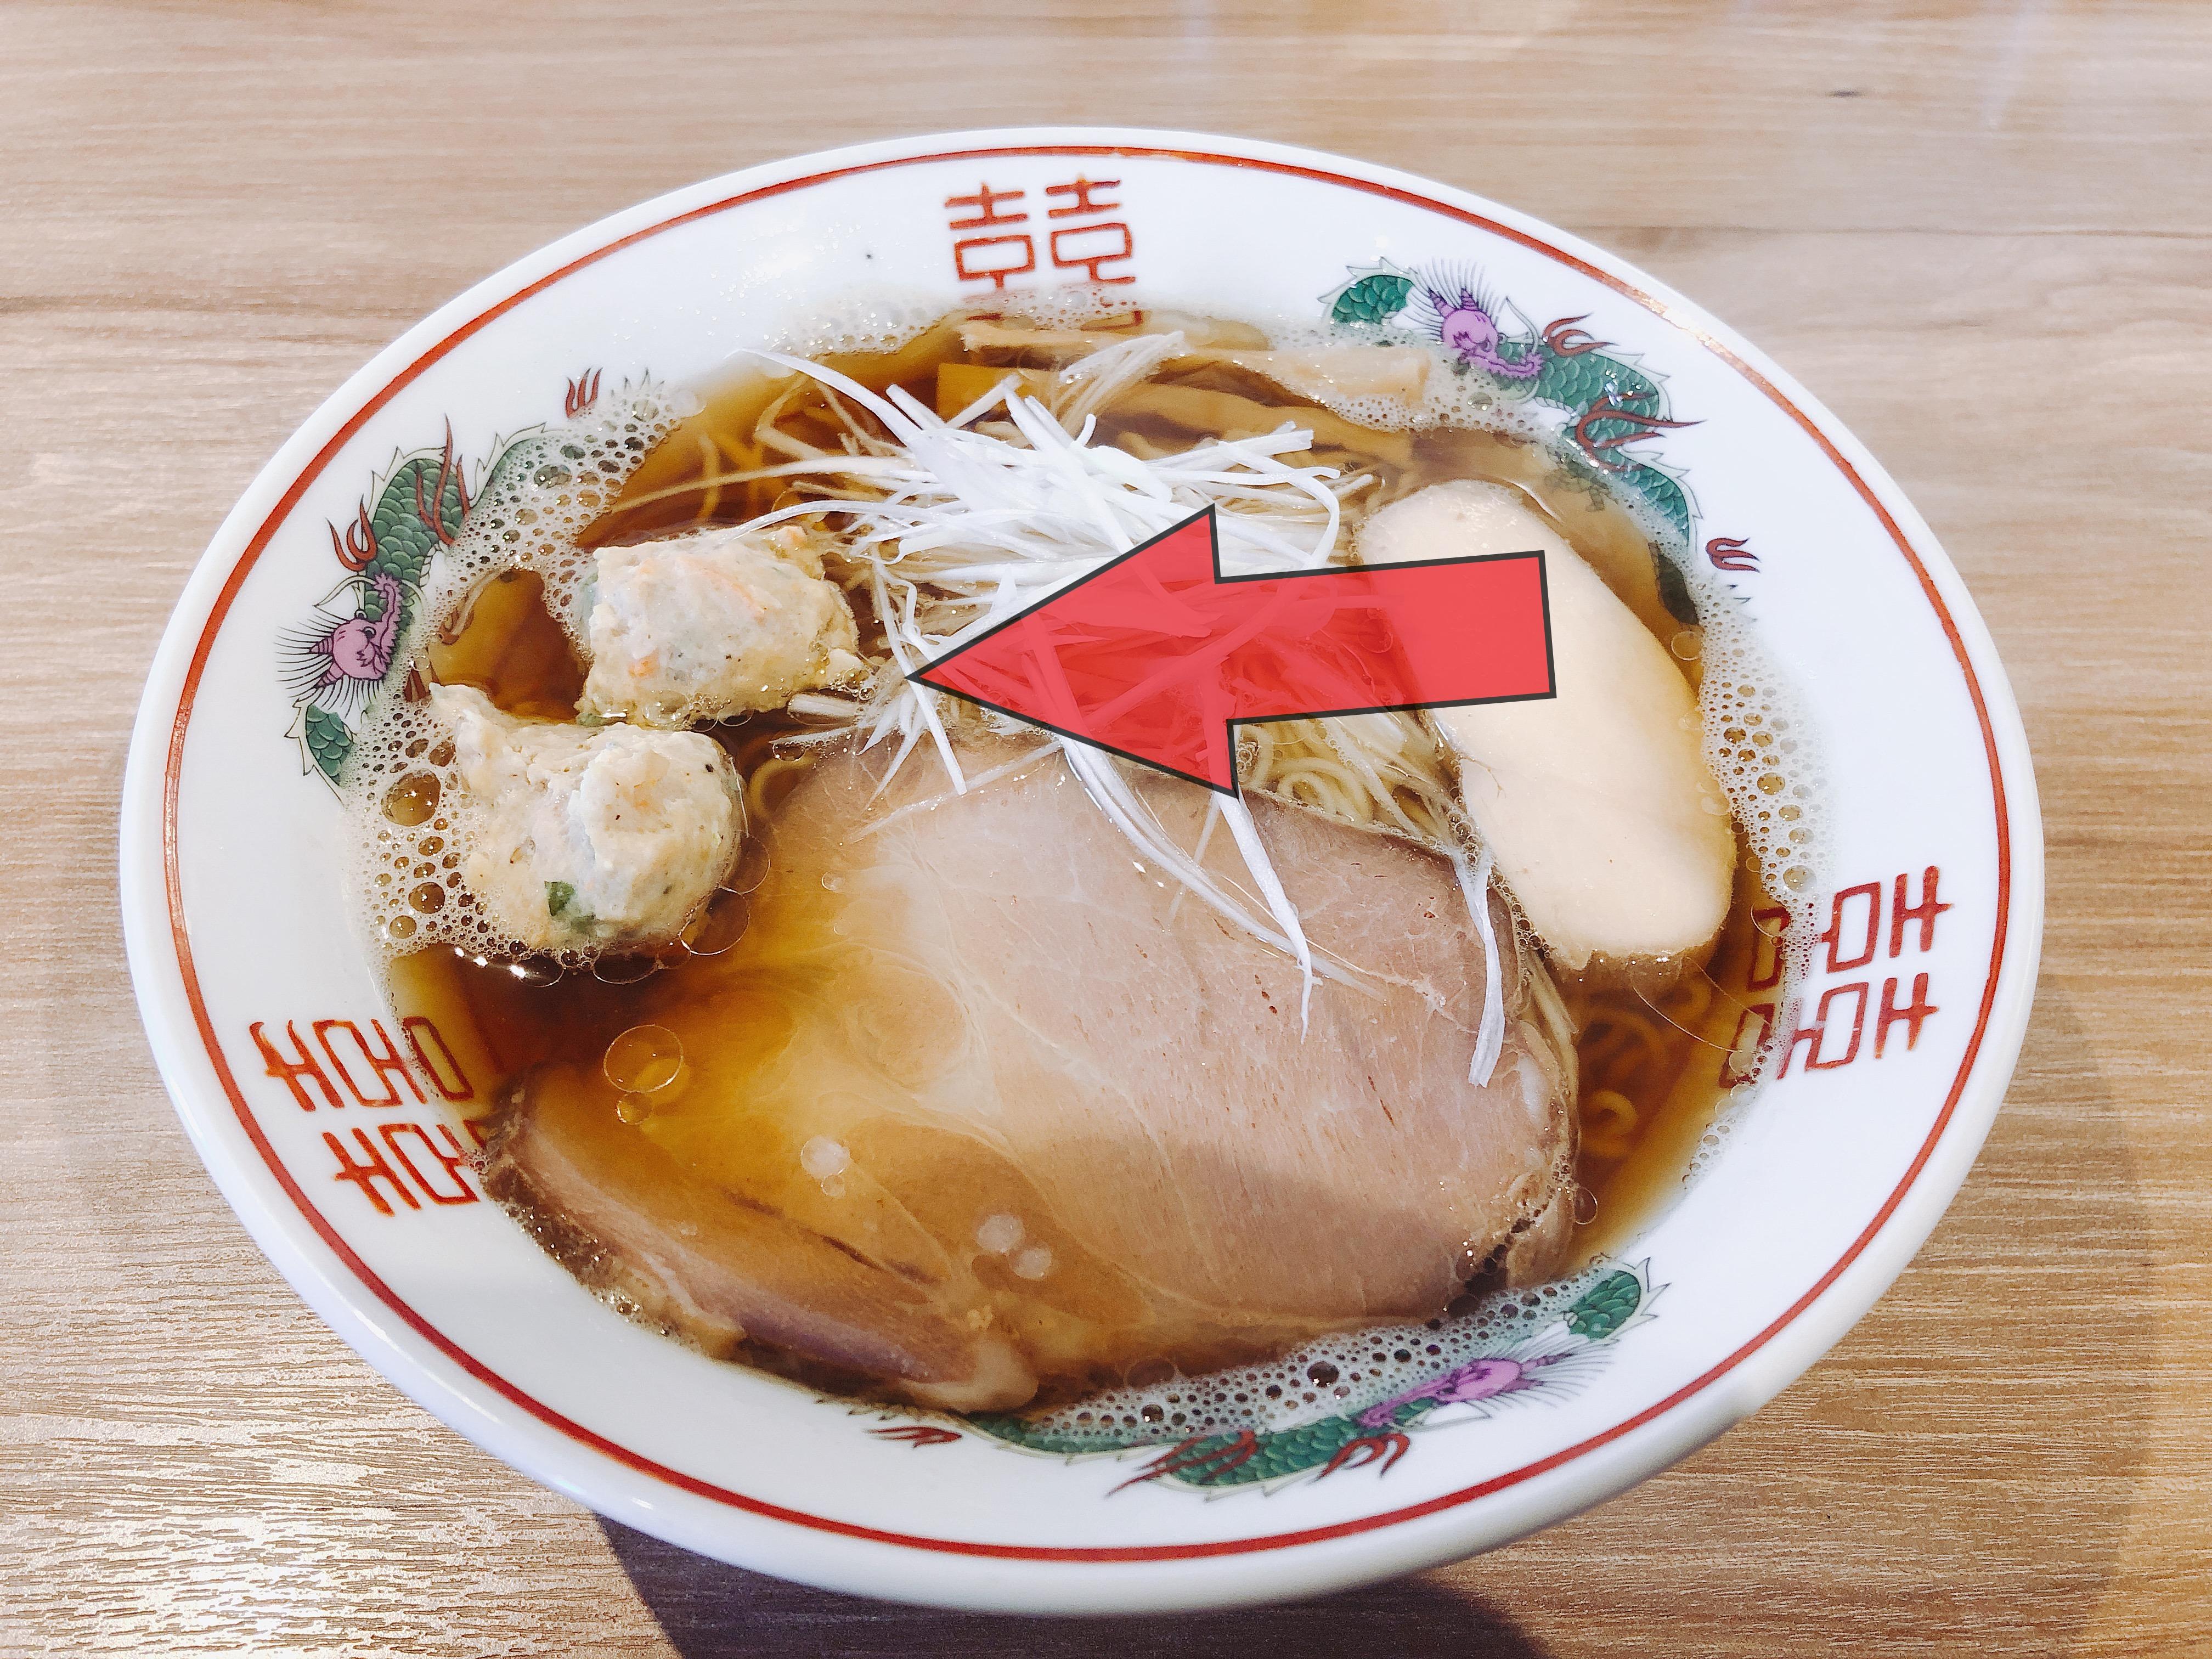 木蓮の焼あご出汁醤油ラーメンの肉団子を赤矢印で指している